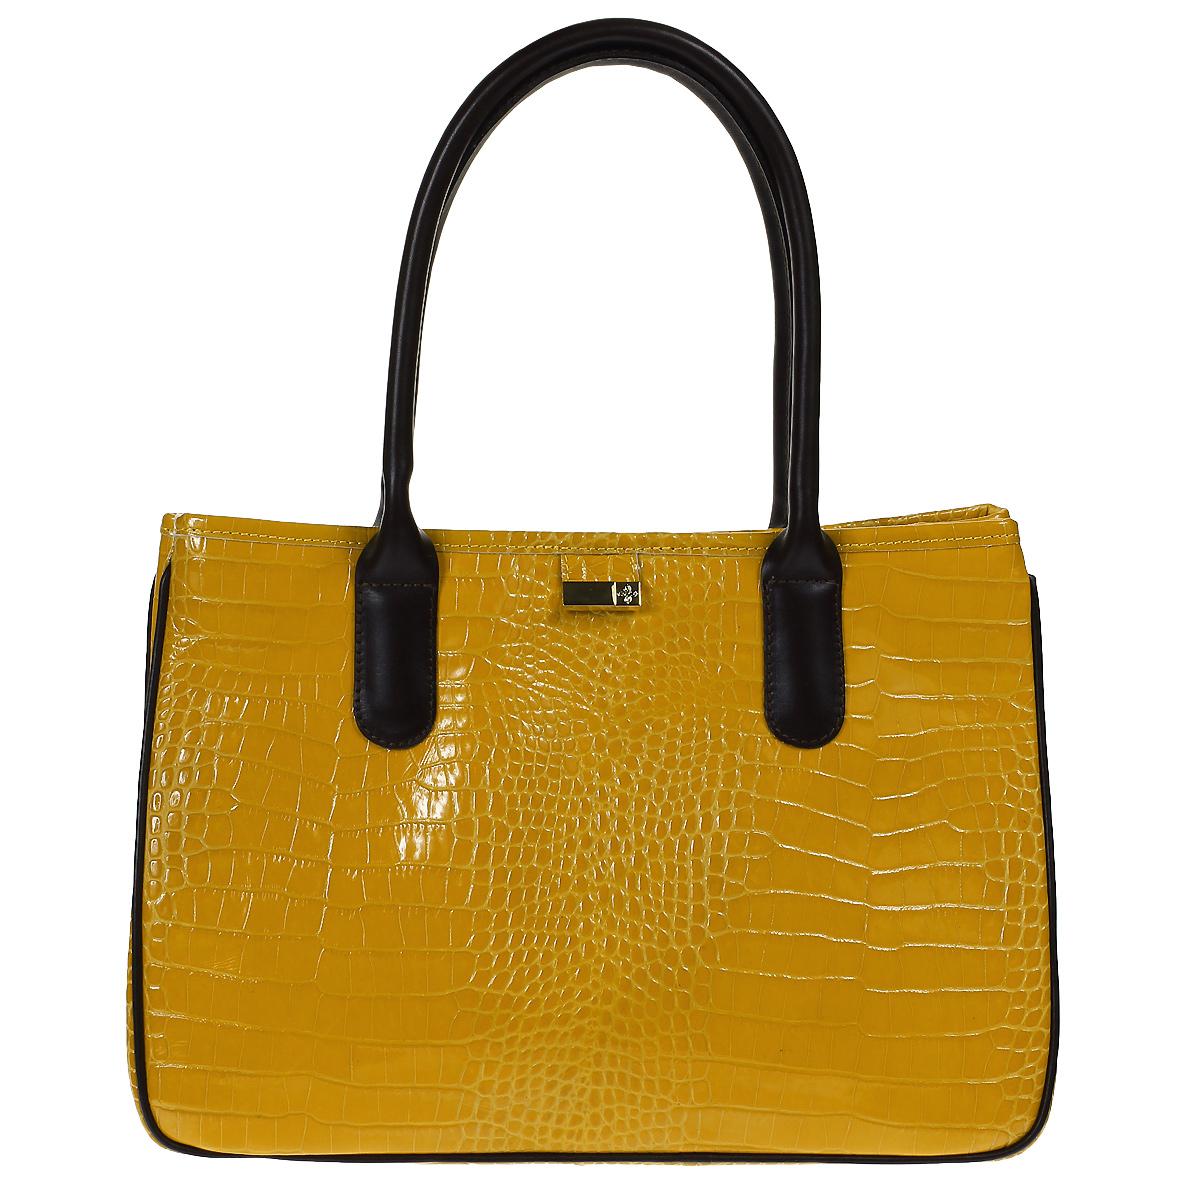 Сумка женская Dimanche Кристи, цвет: желтый. 443/39443/39Стильная женская сумка Dimanche Кристи выполнена из натуральной высококачественной кожи. Сумка имеет одно отделение, разделенное средником на молнии, и закрывается на застежку-молнию. Внутри - два накладных кармашка и карман на молнии. На задней стенке имеется дополнительный карман на молнии. По бокам сумка имеет кнопки, которые позволяют изменять ее форму. Сумка оснащена двумя удобными ручками. Фурнитура - серебристого цвета. Сумка упакована в фирменный текстильный мешок. Сумка женская Dimanche Кристи подчеркнет вашу яркую индивидуальность и сделает образ завершенным.